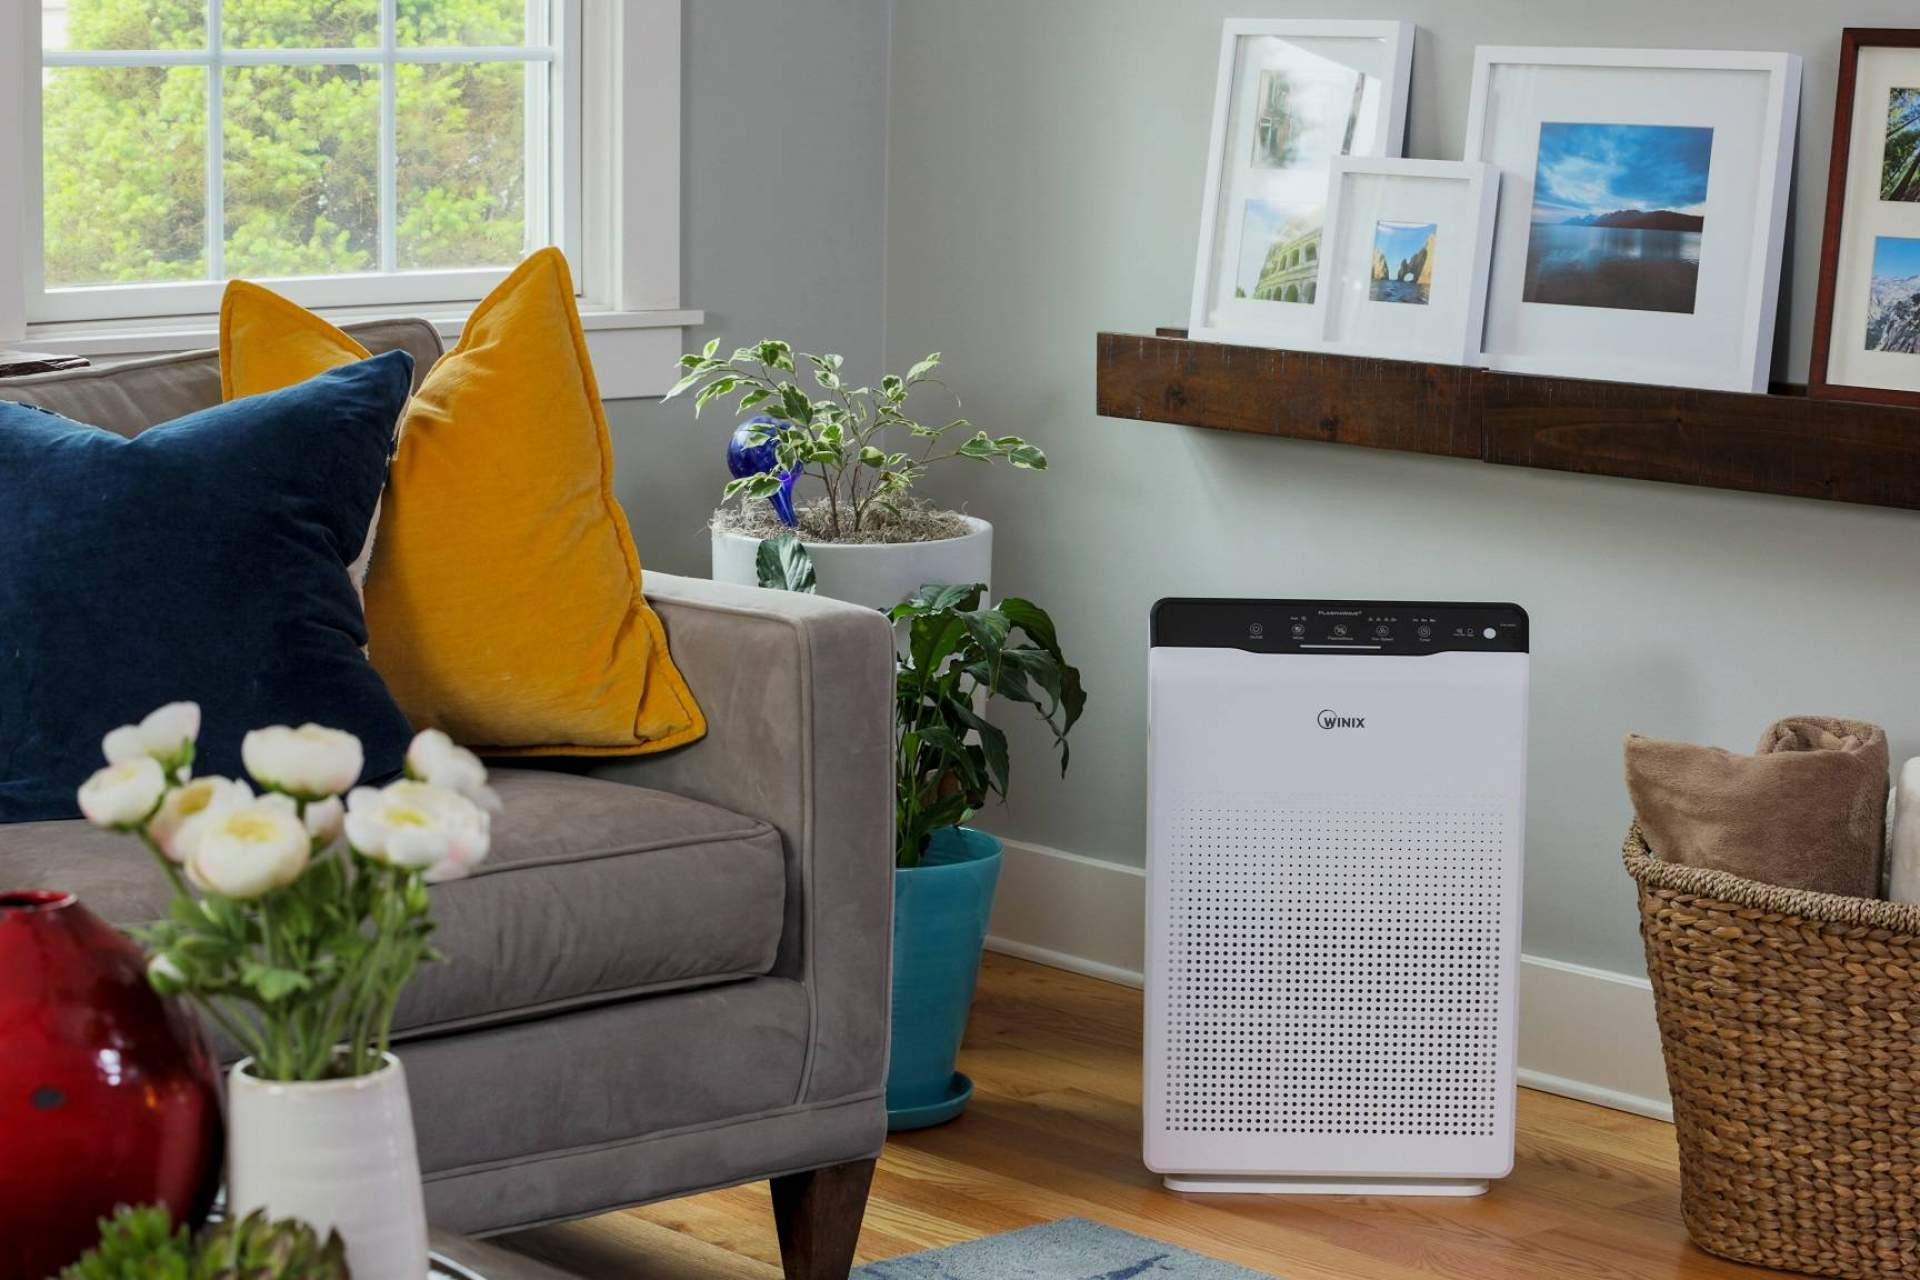 ¿Cuáles son las ventajas del purificador de aire Winix Zero de Protect Soiart Distribución?